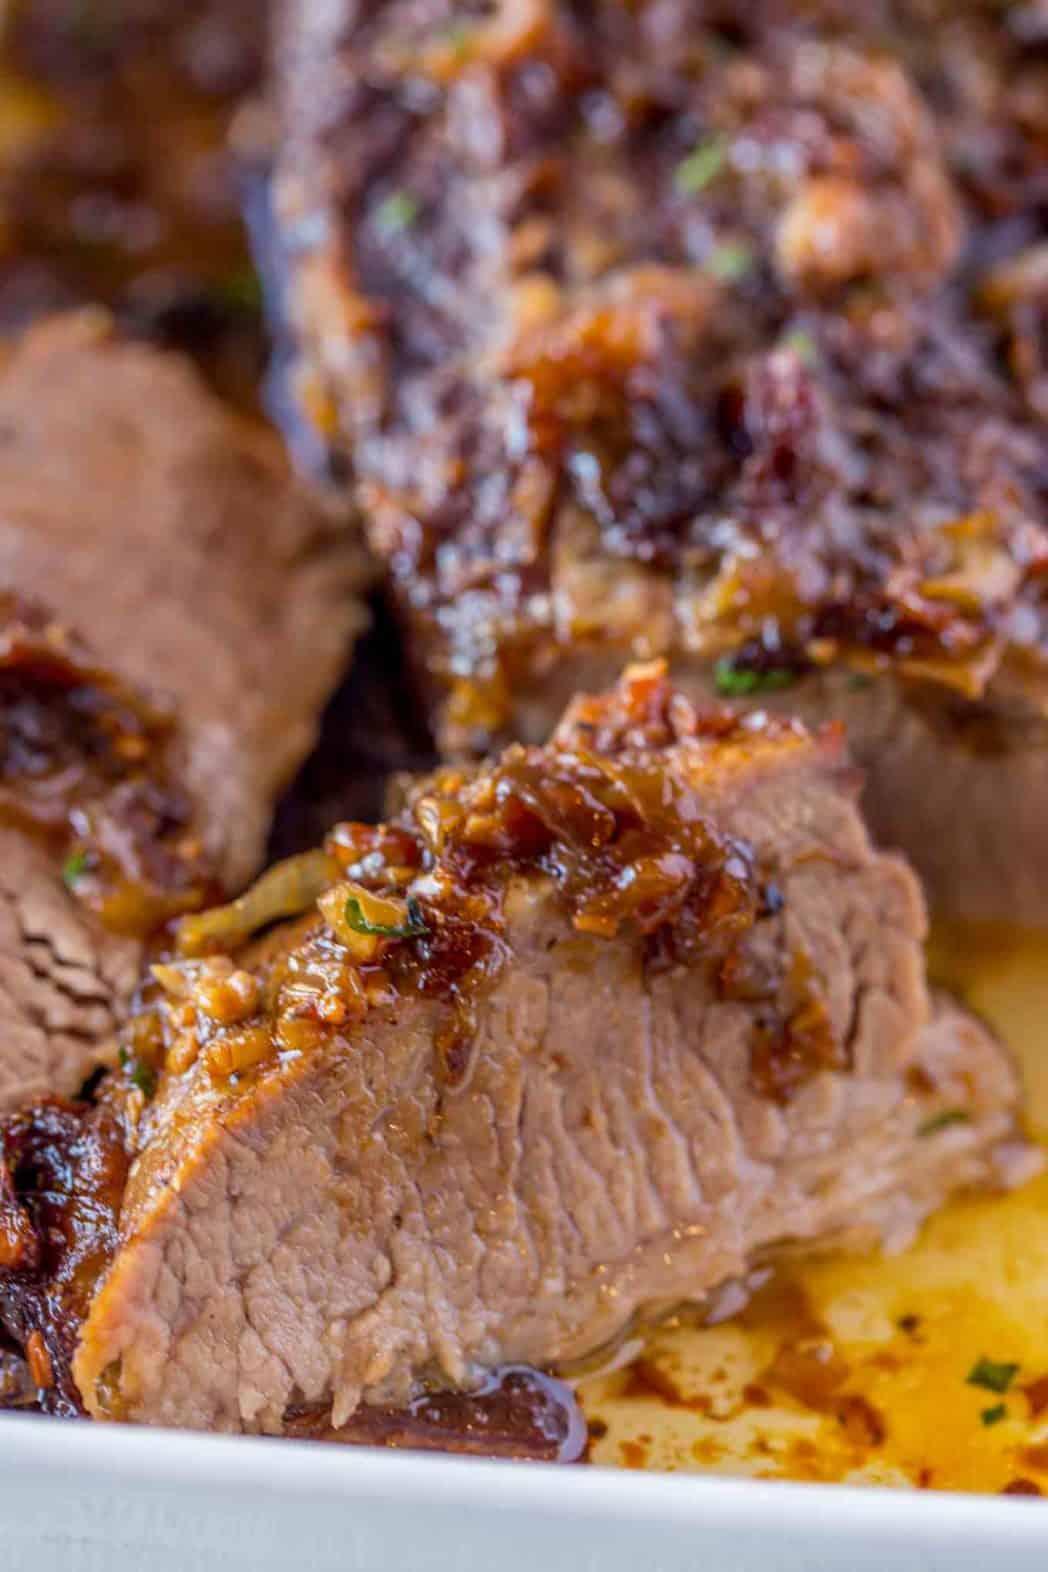 Tender and juicy beef brisket